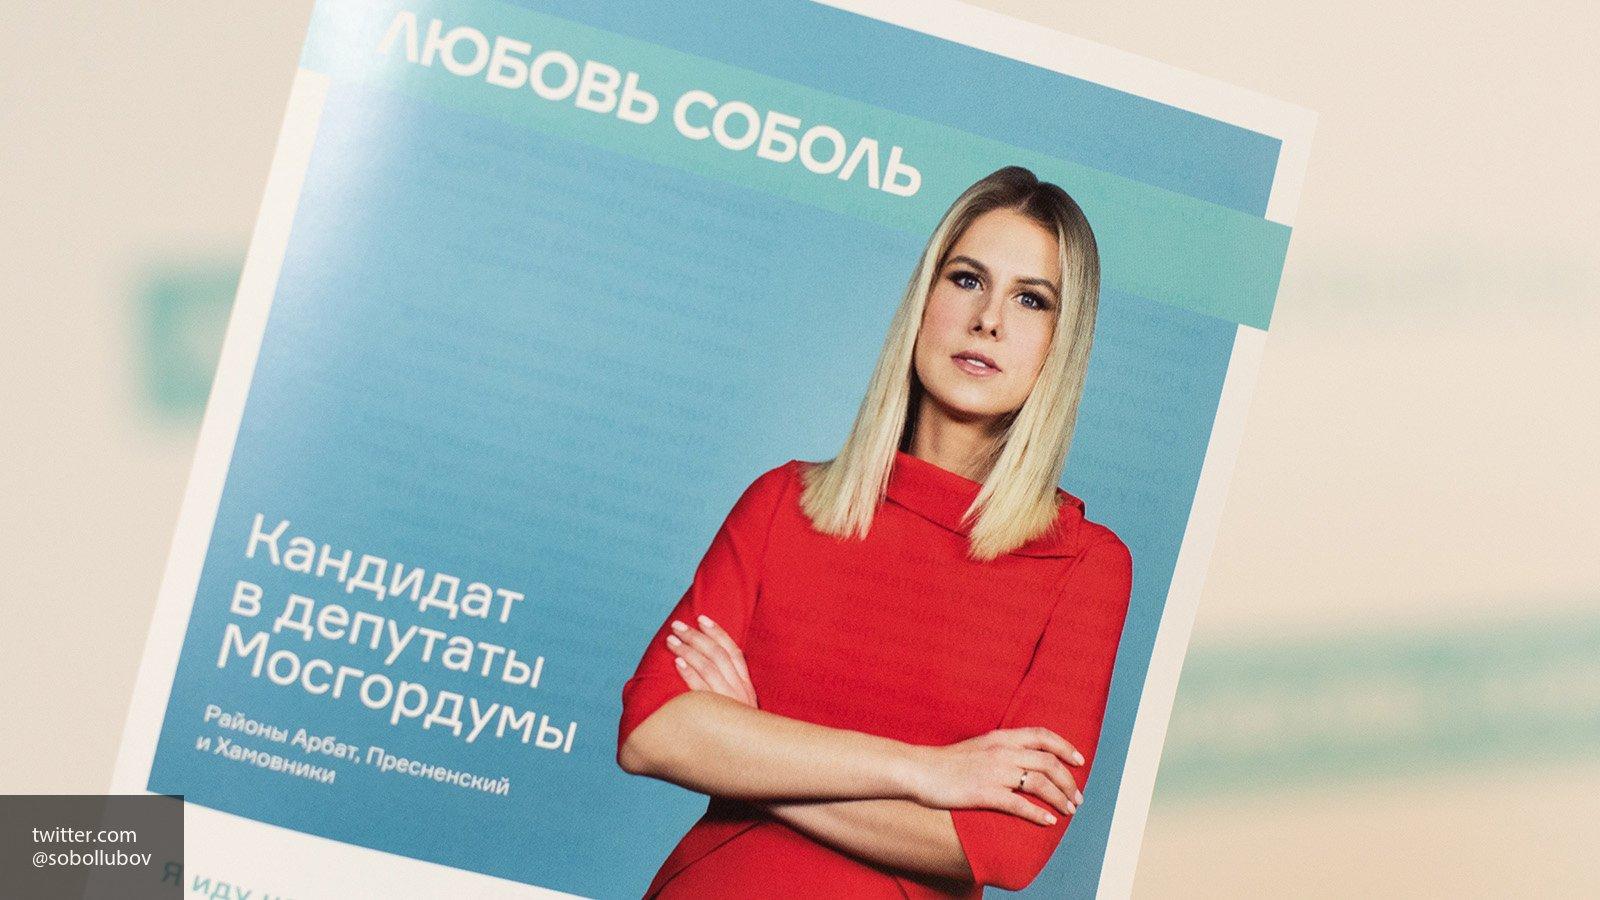 Кандидат от «народа» Соболь забыла рассказать о дорогих квартирах в Москве и Подмосковье